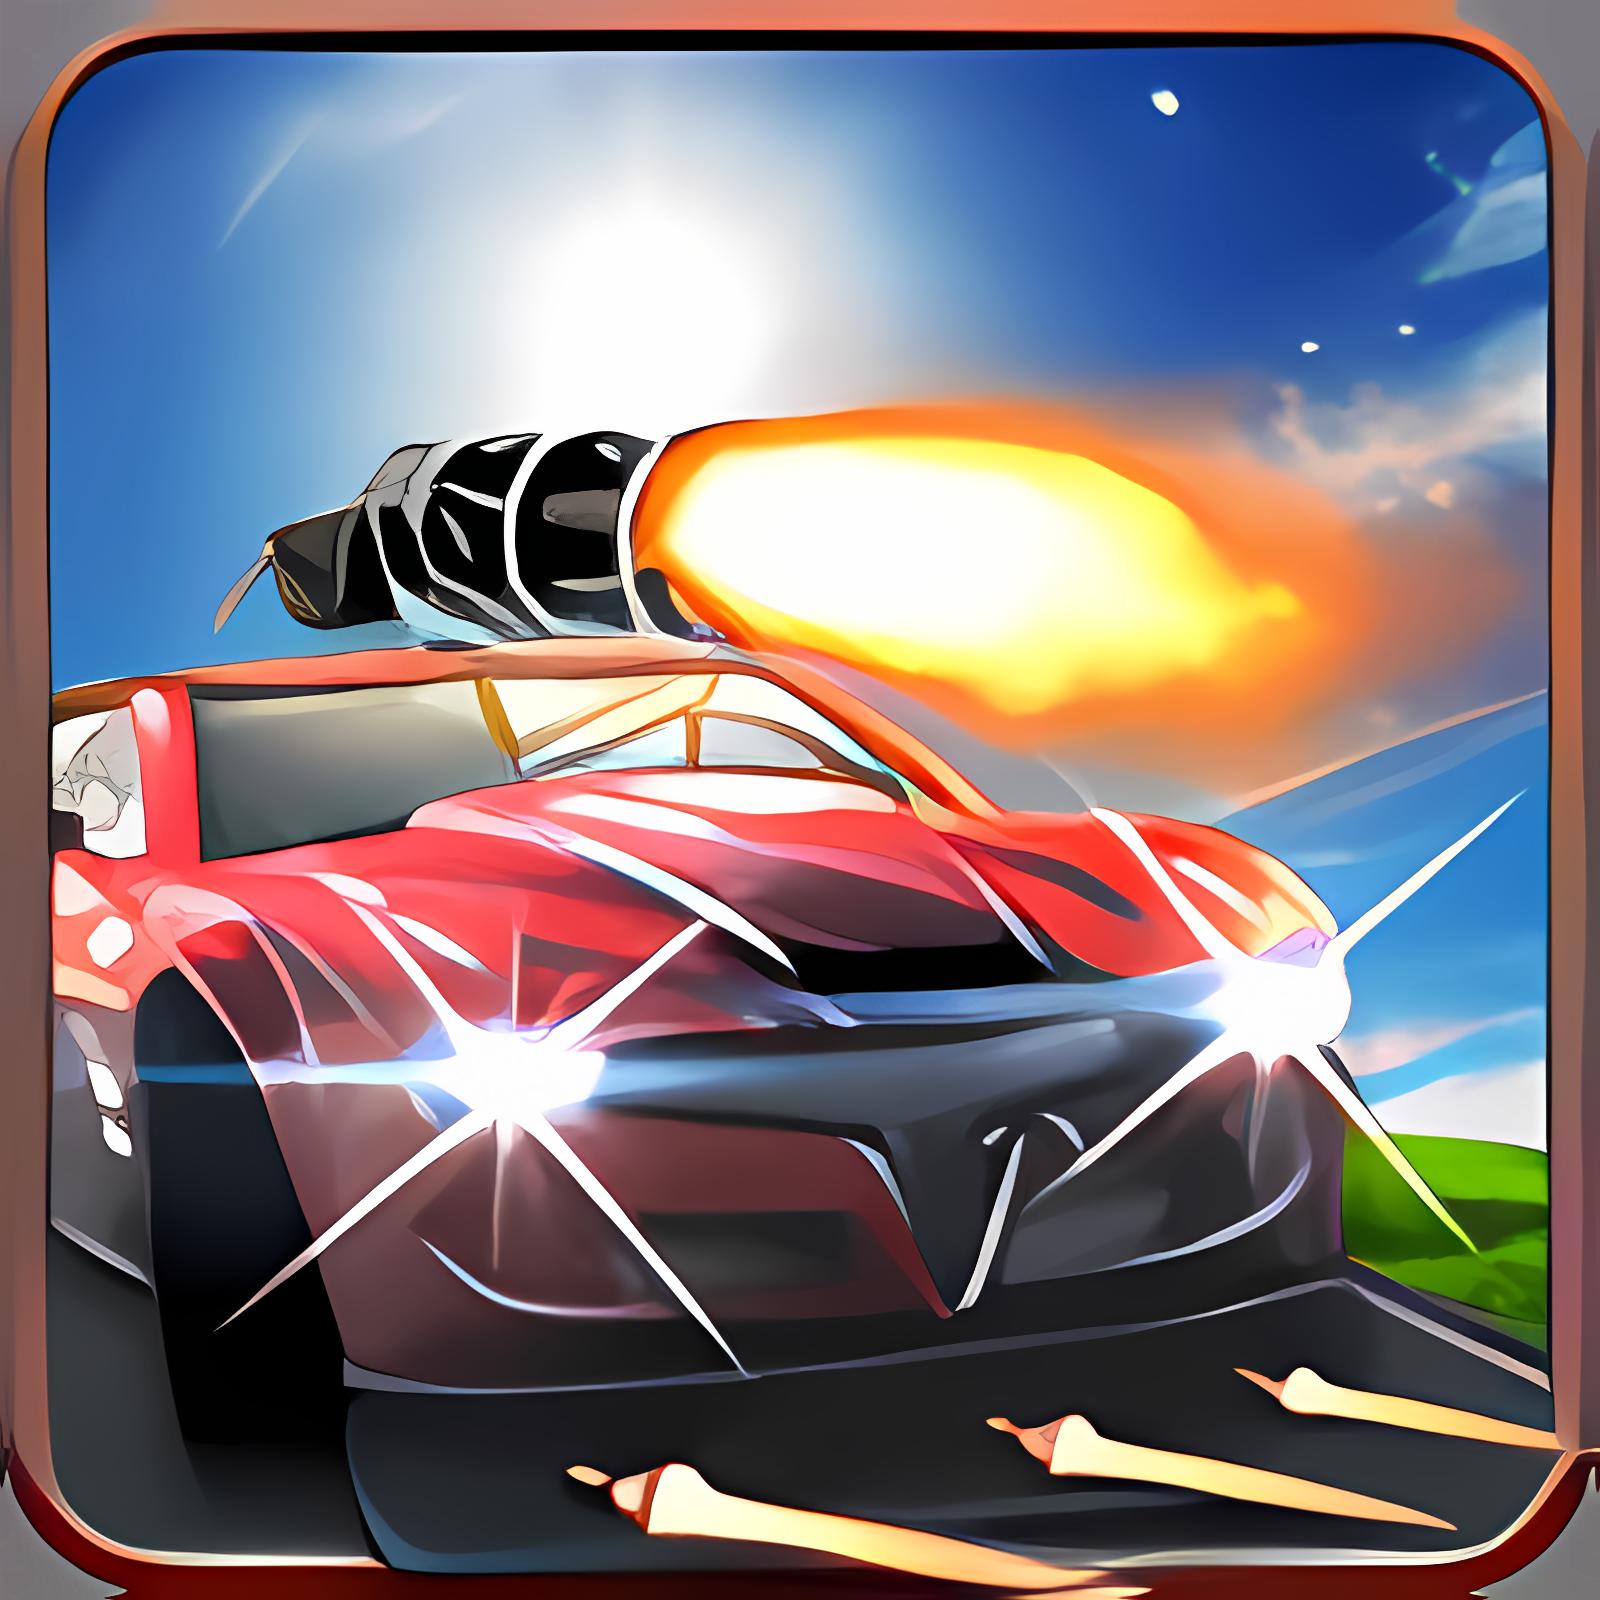 Smash Car Hit Racing Game Free